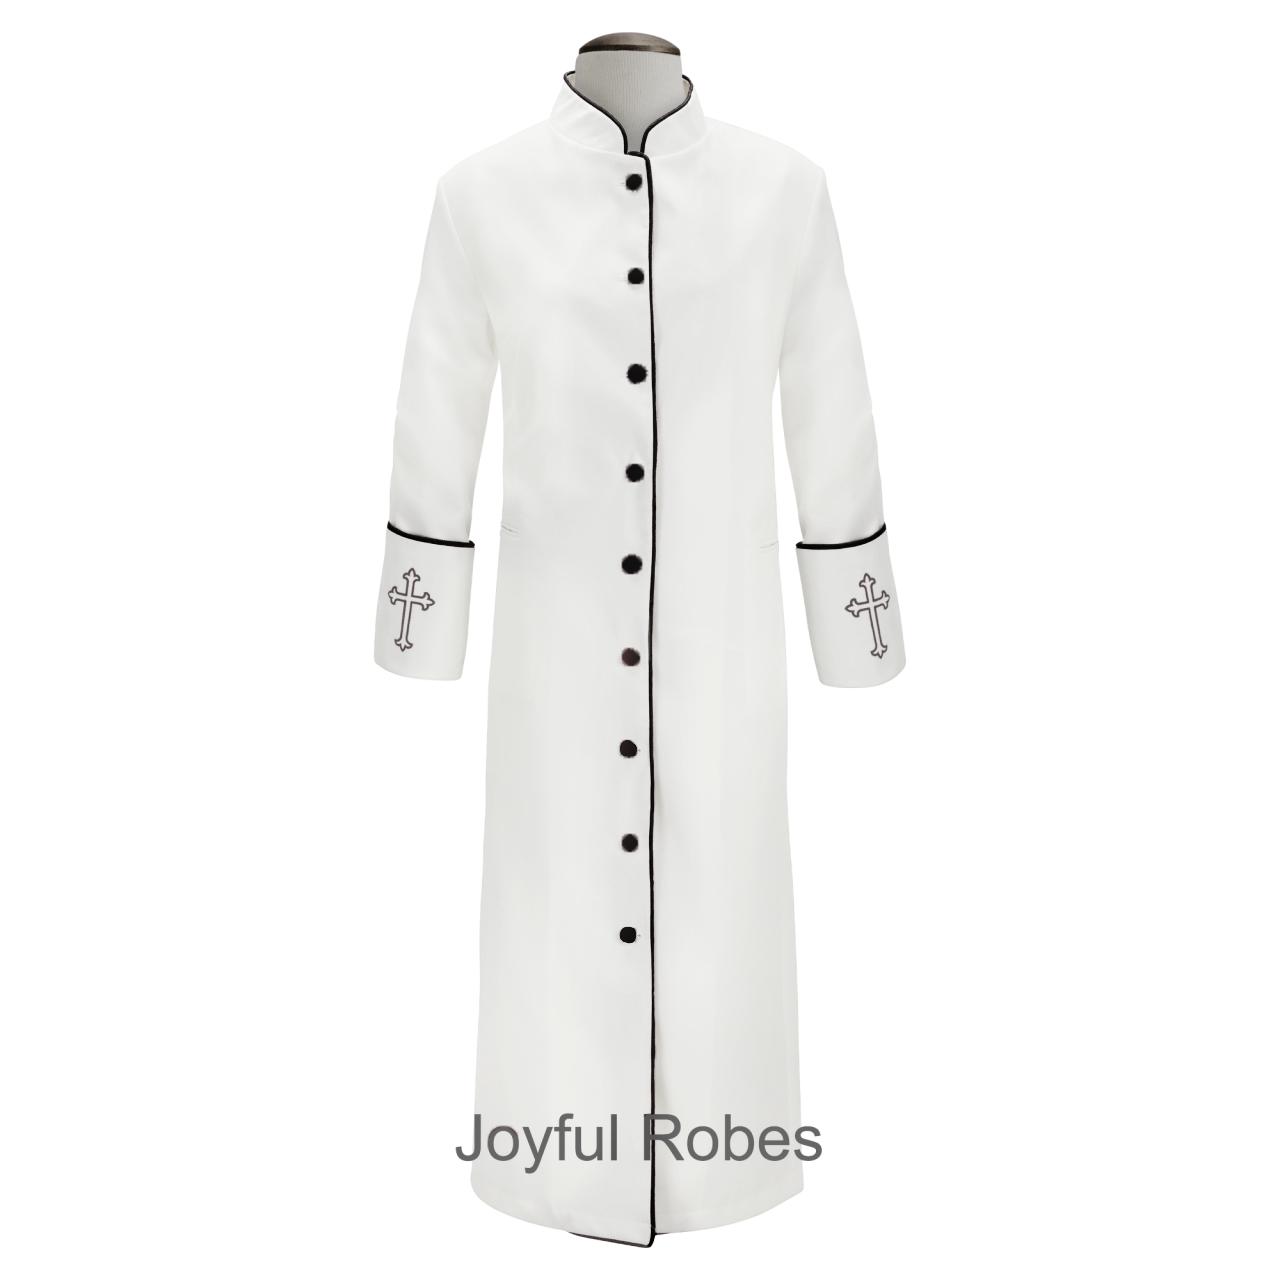 202 W. Women's Clergy/Pastor Robe - White/Black Design